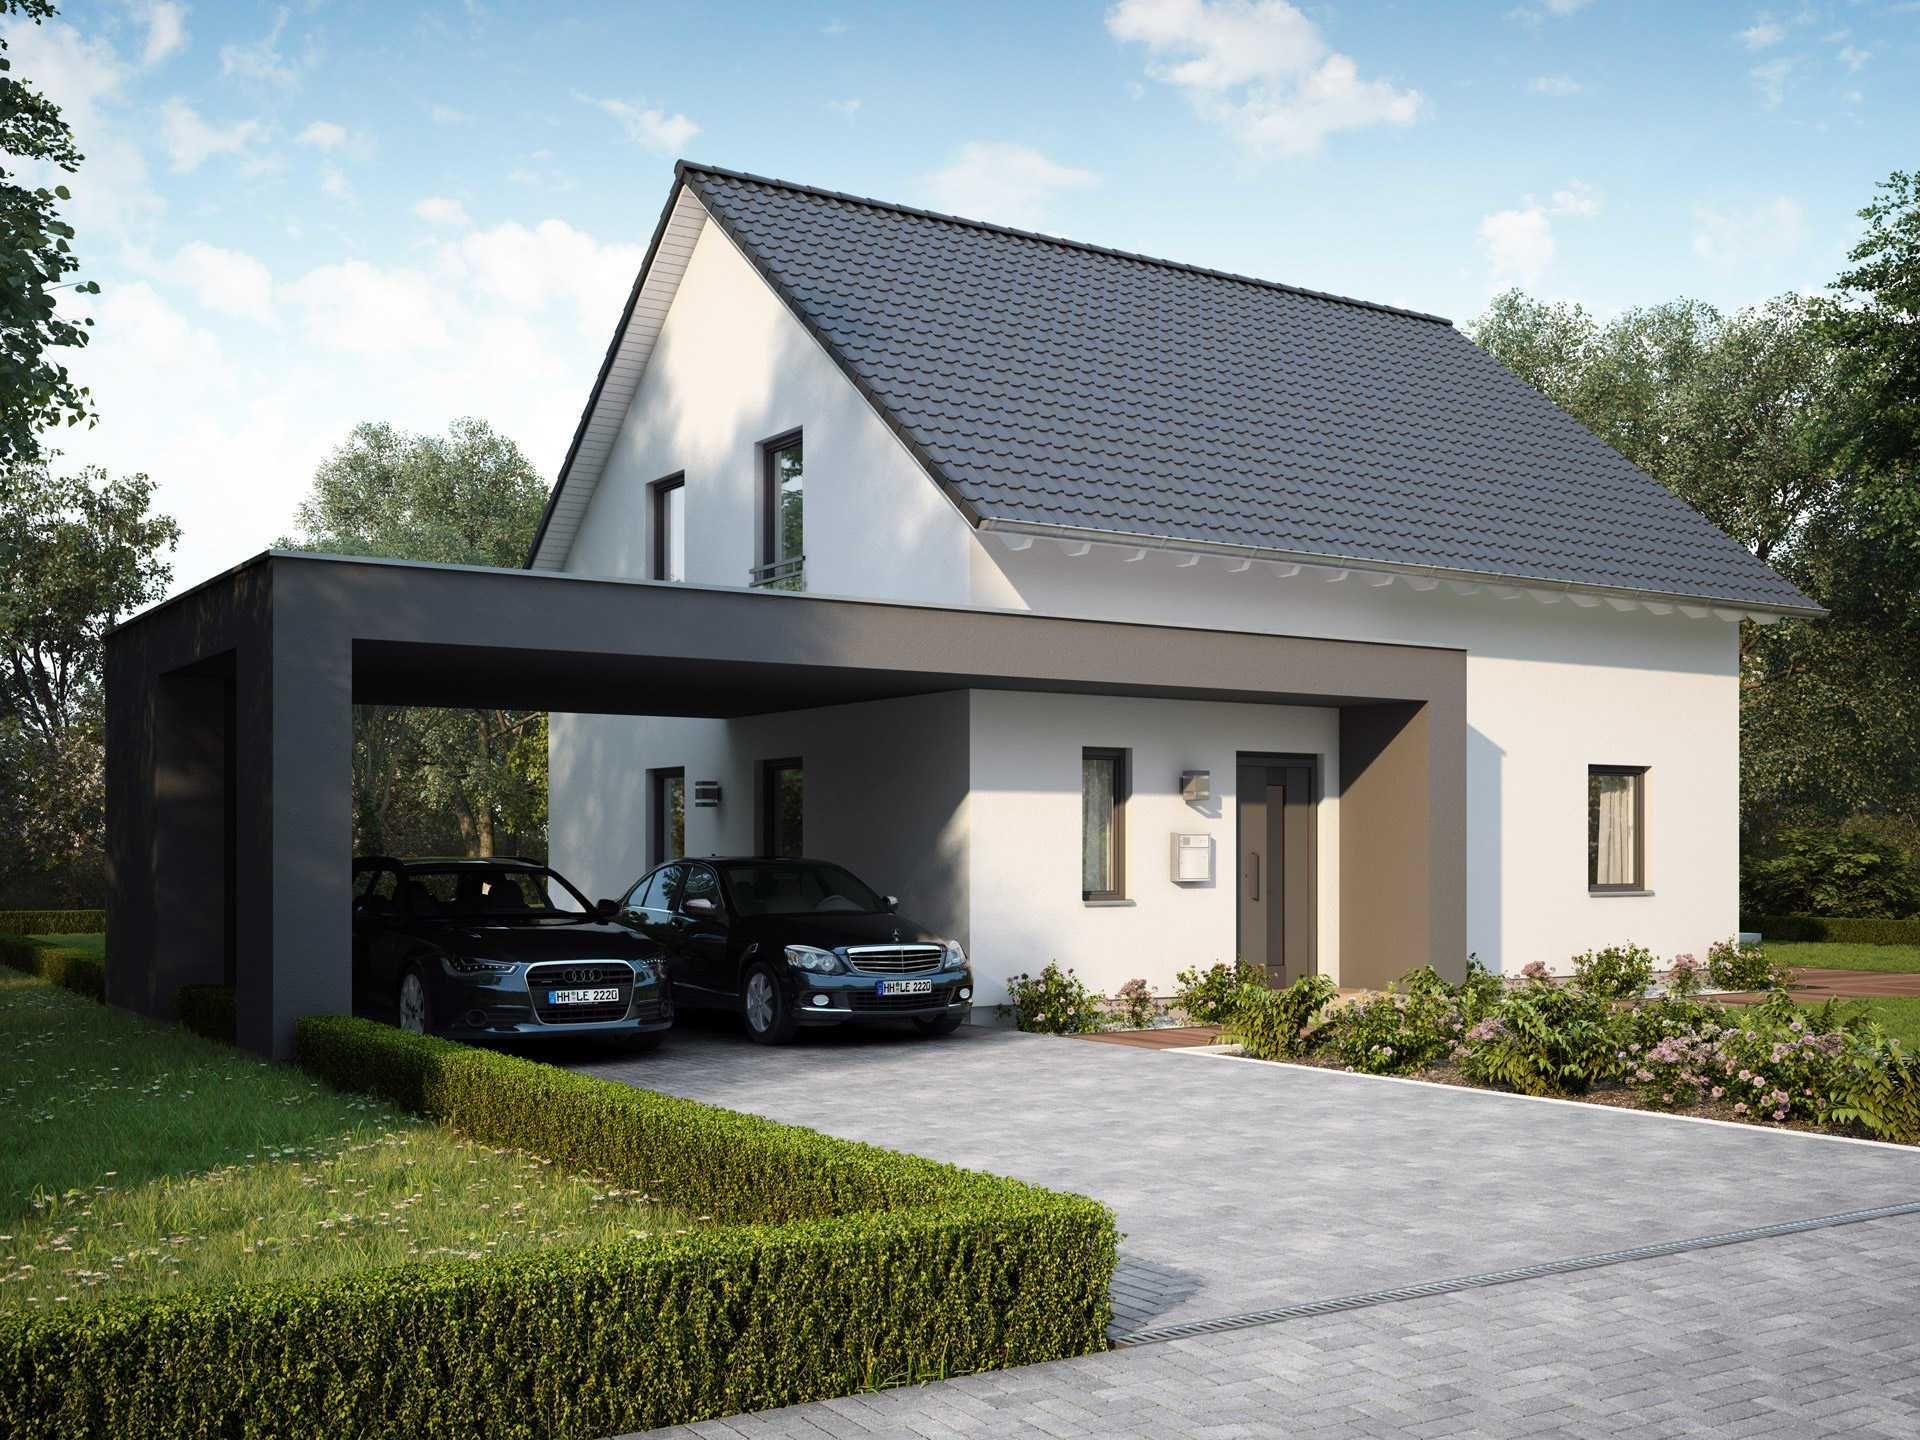 einfamilienhaus lifestyle 5 h z haus einfamilienhaus s massa haus. Black Bedroom Furniture Sets. Home Design Ideas